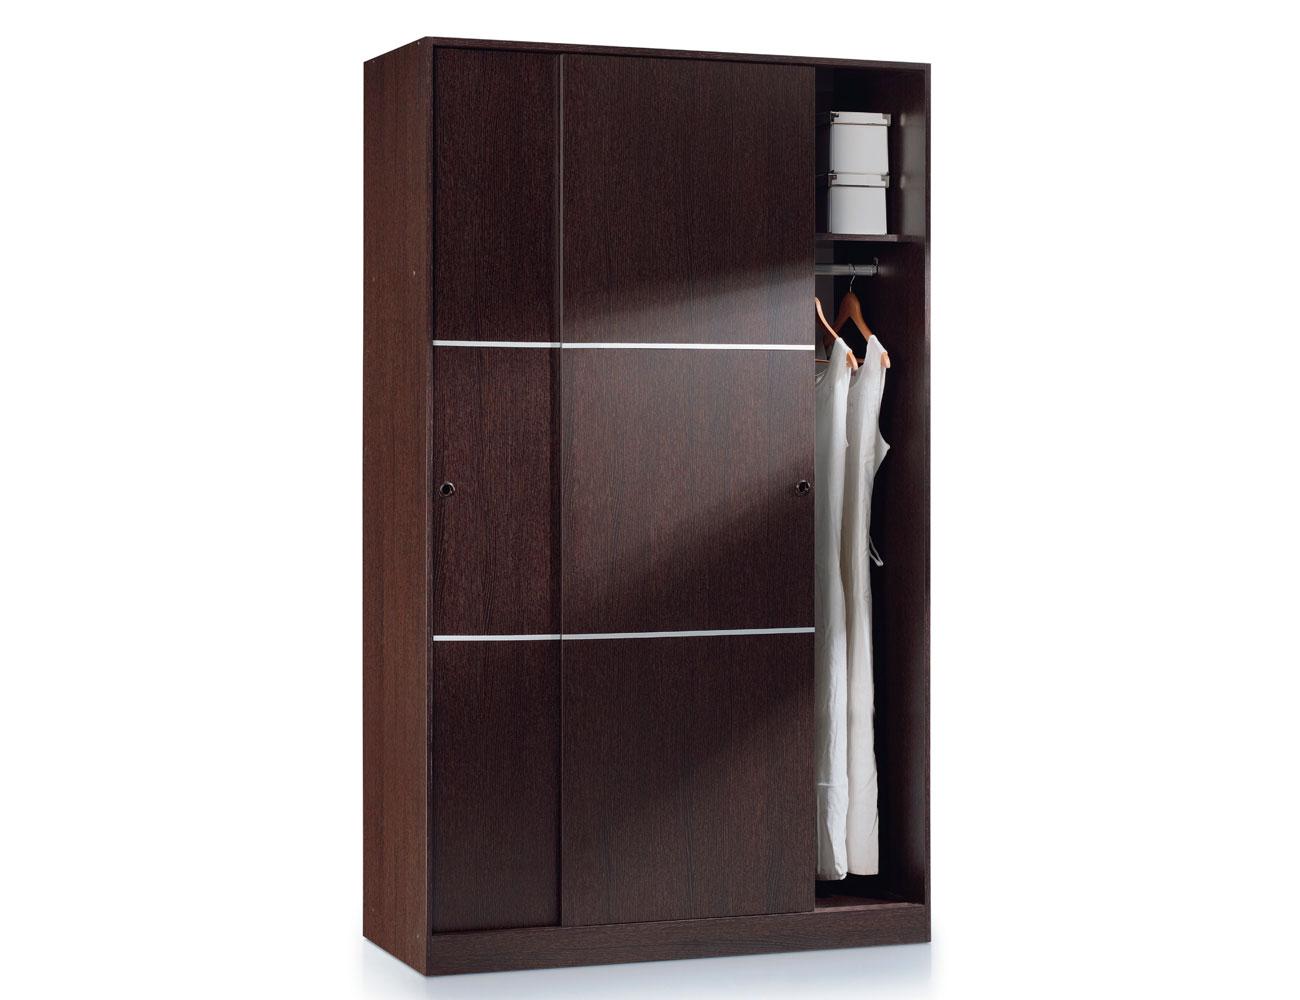 Ikea armarios puertas correderas for Armarios roperos puertas correderas